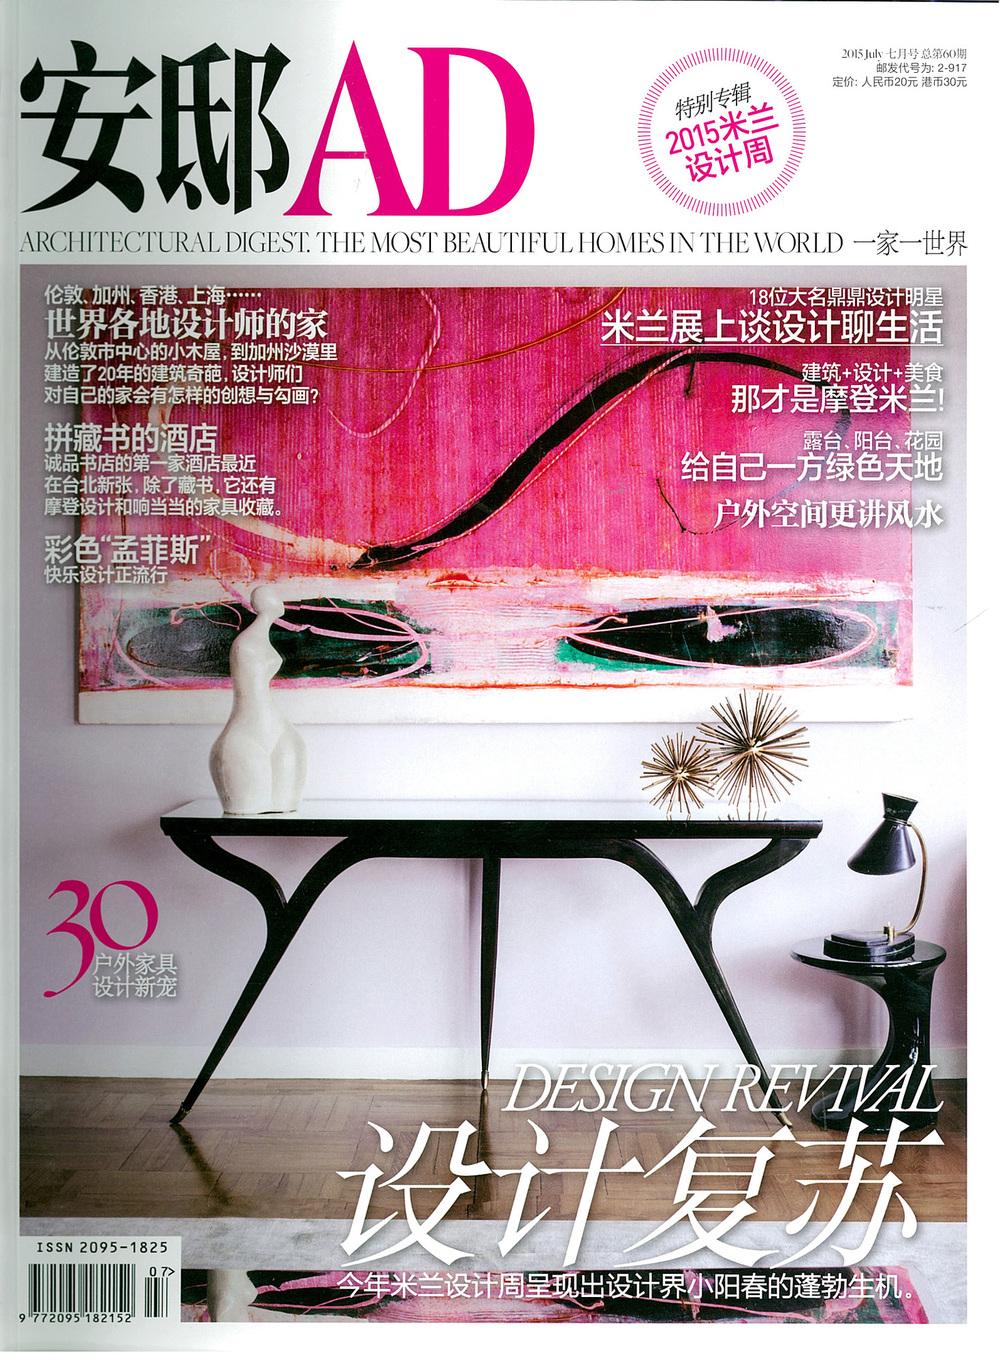 安邸AD Vol. 60 - July 2015